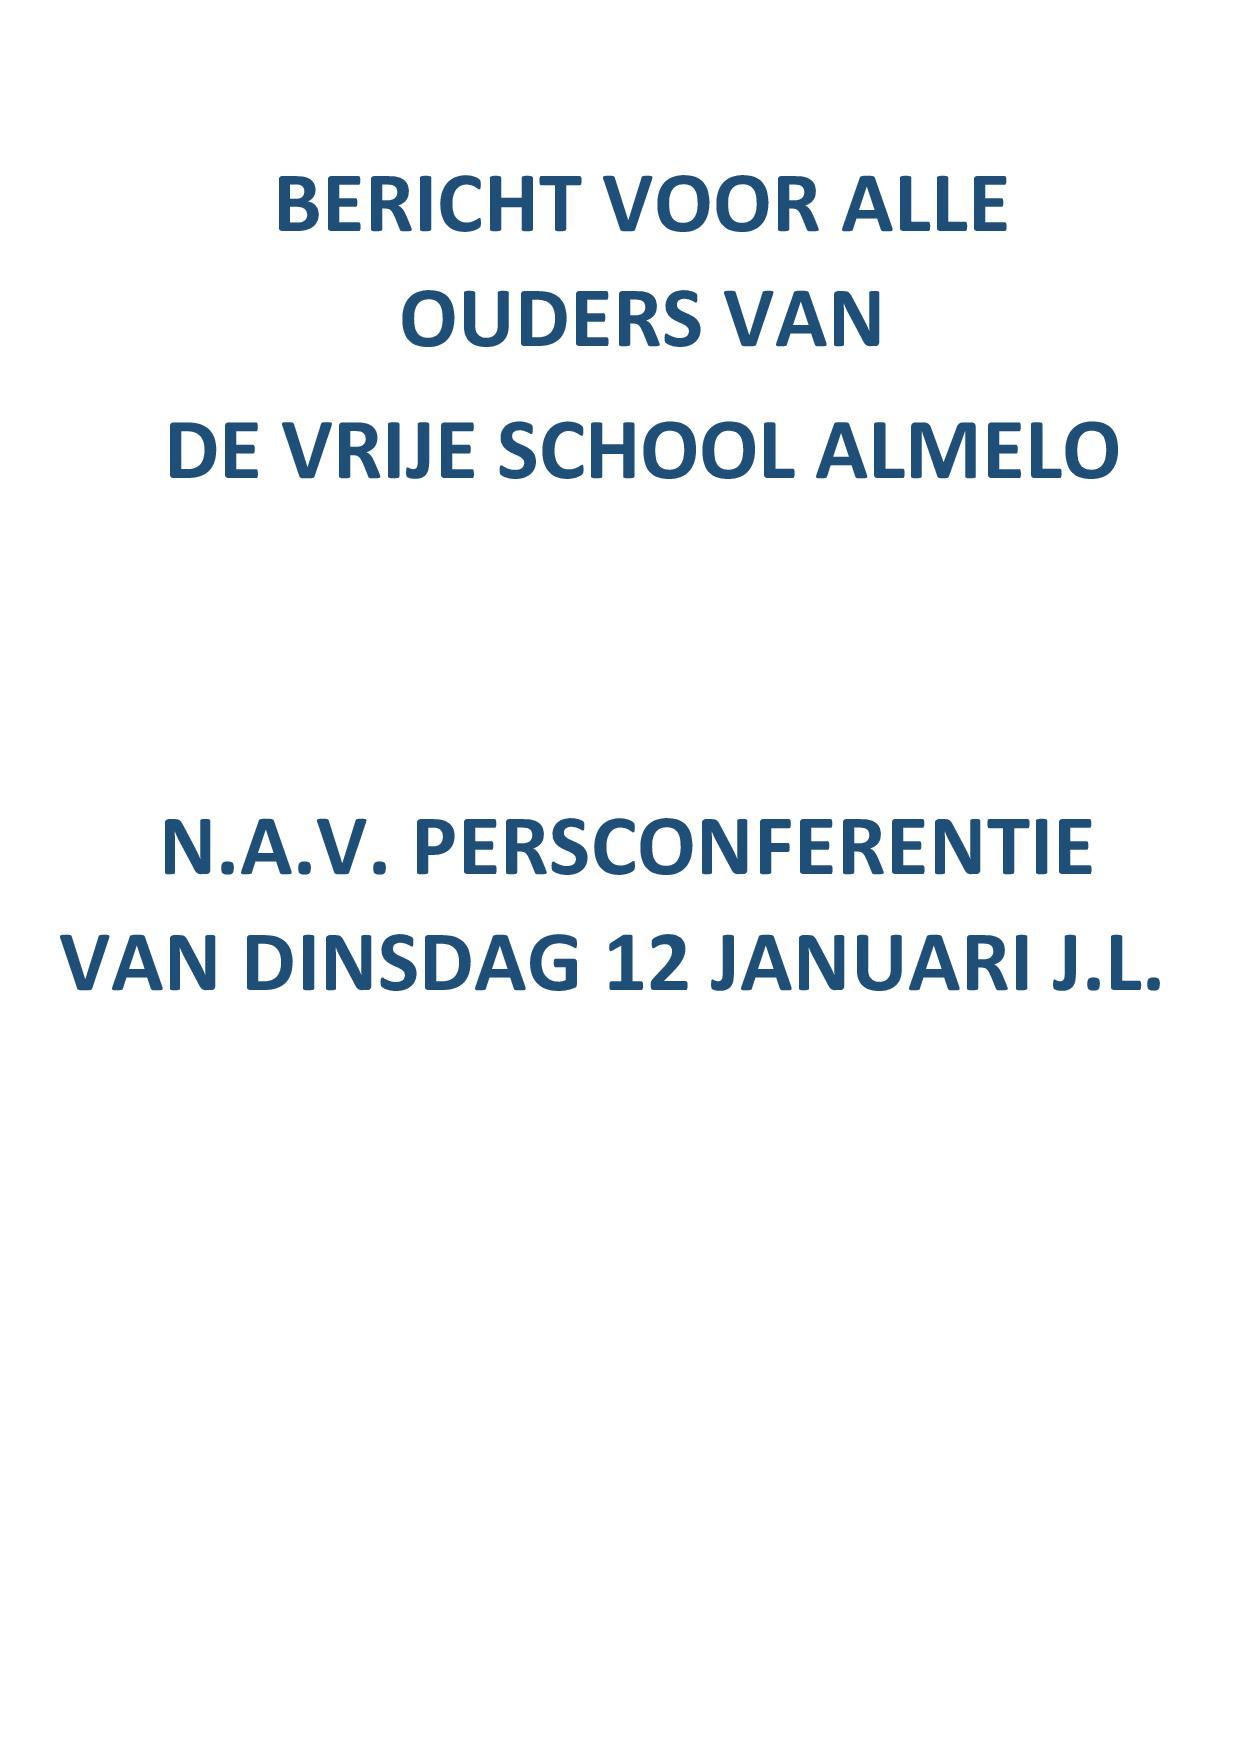 Bericht voor alle ouders van De Vrije School Almelo n.a.v. de persconferentie van 12-01-2021